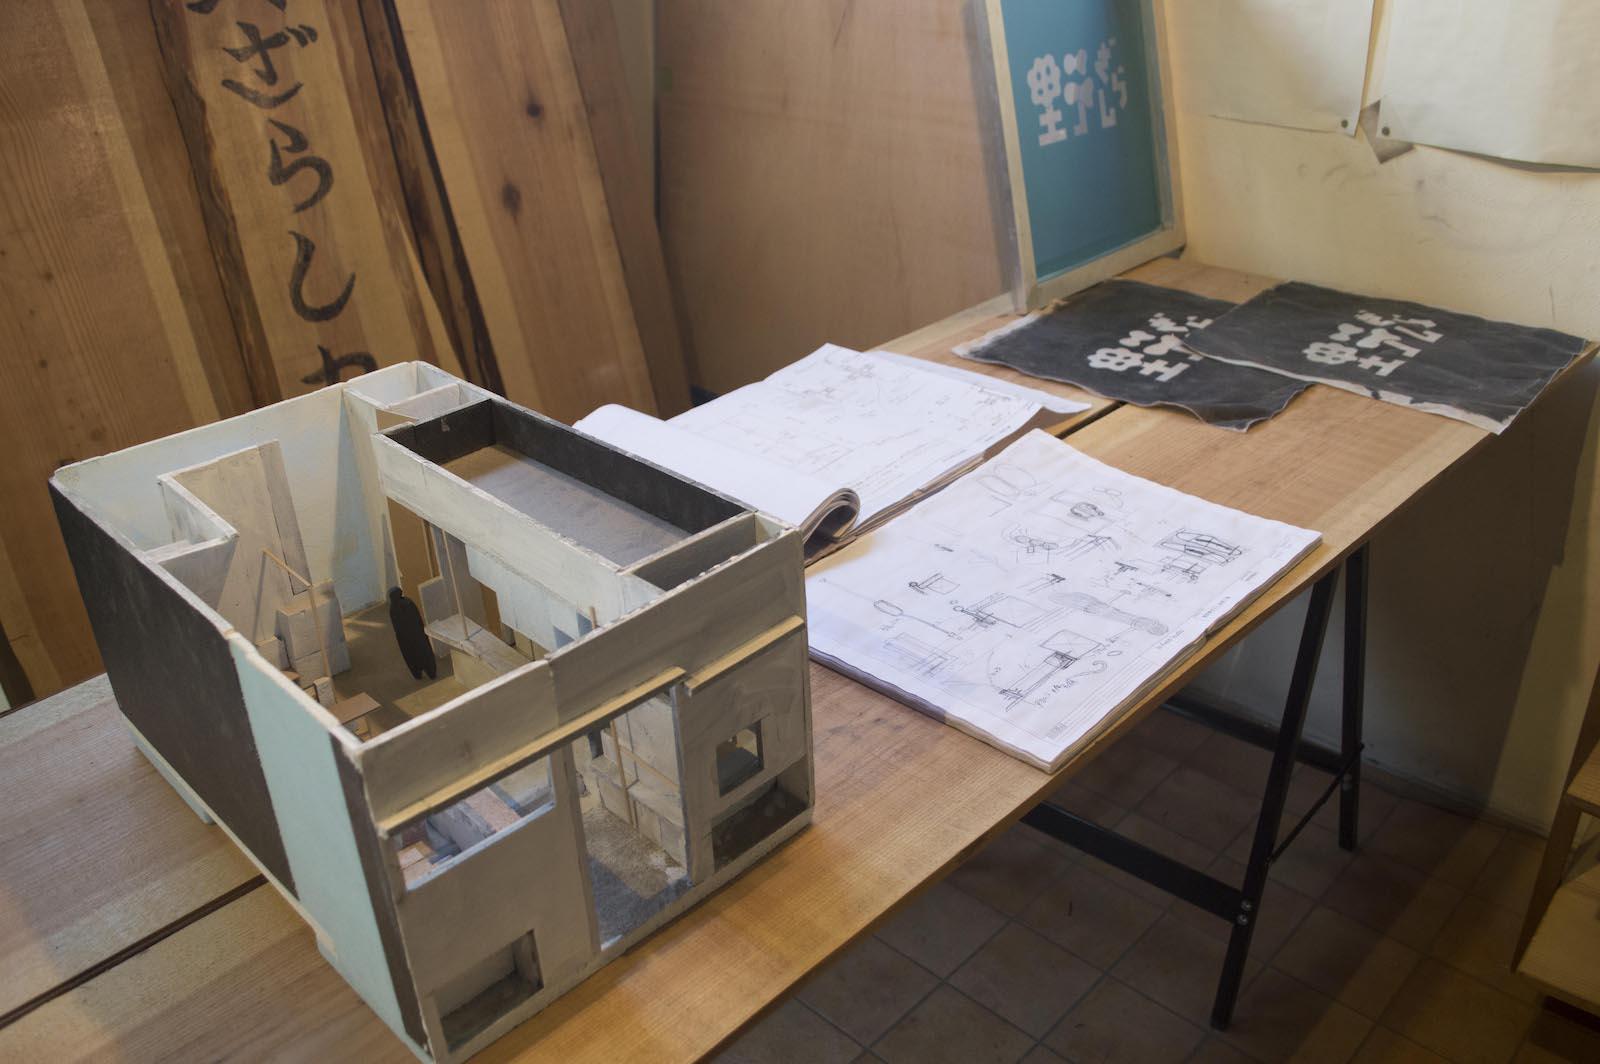 2階では佐藤による「喫茶野ざらし」の建築模型や図面をはじめ、この場所に関連する様々な資料が展示された。